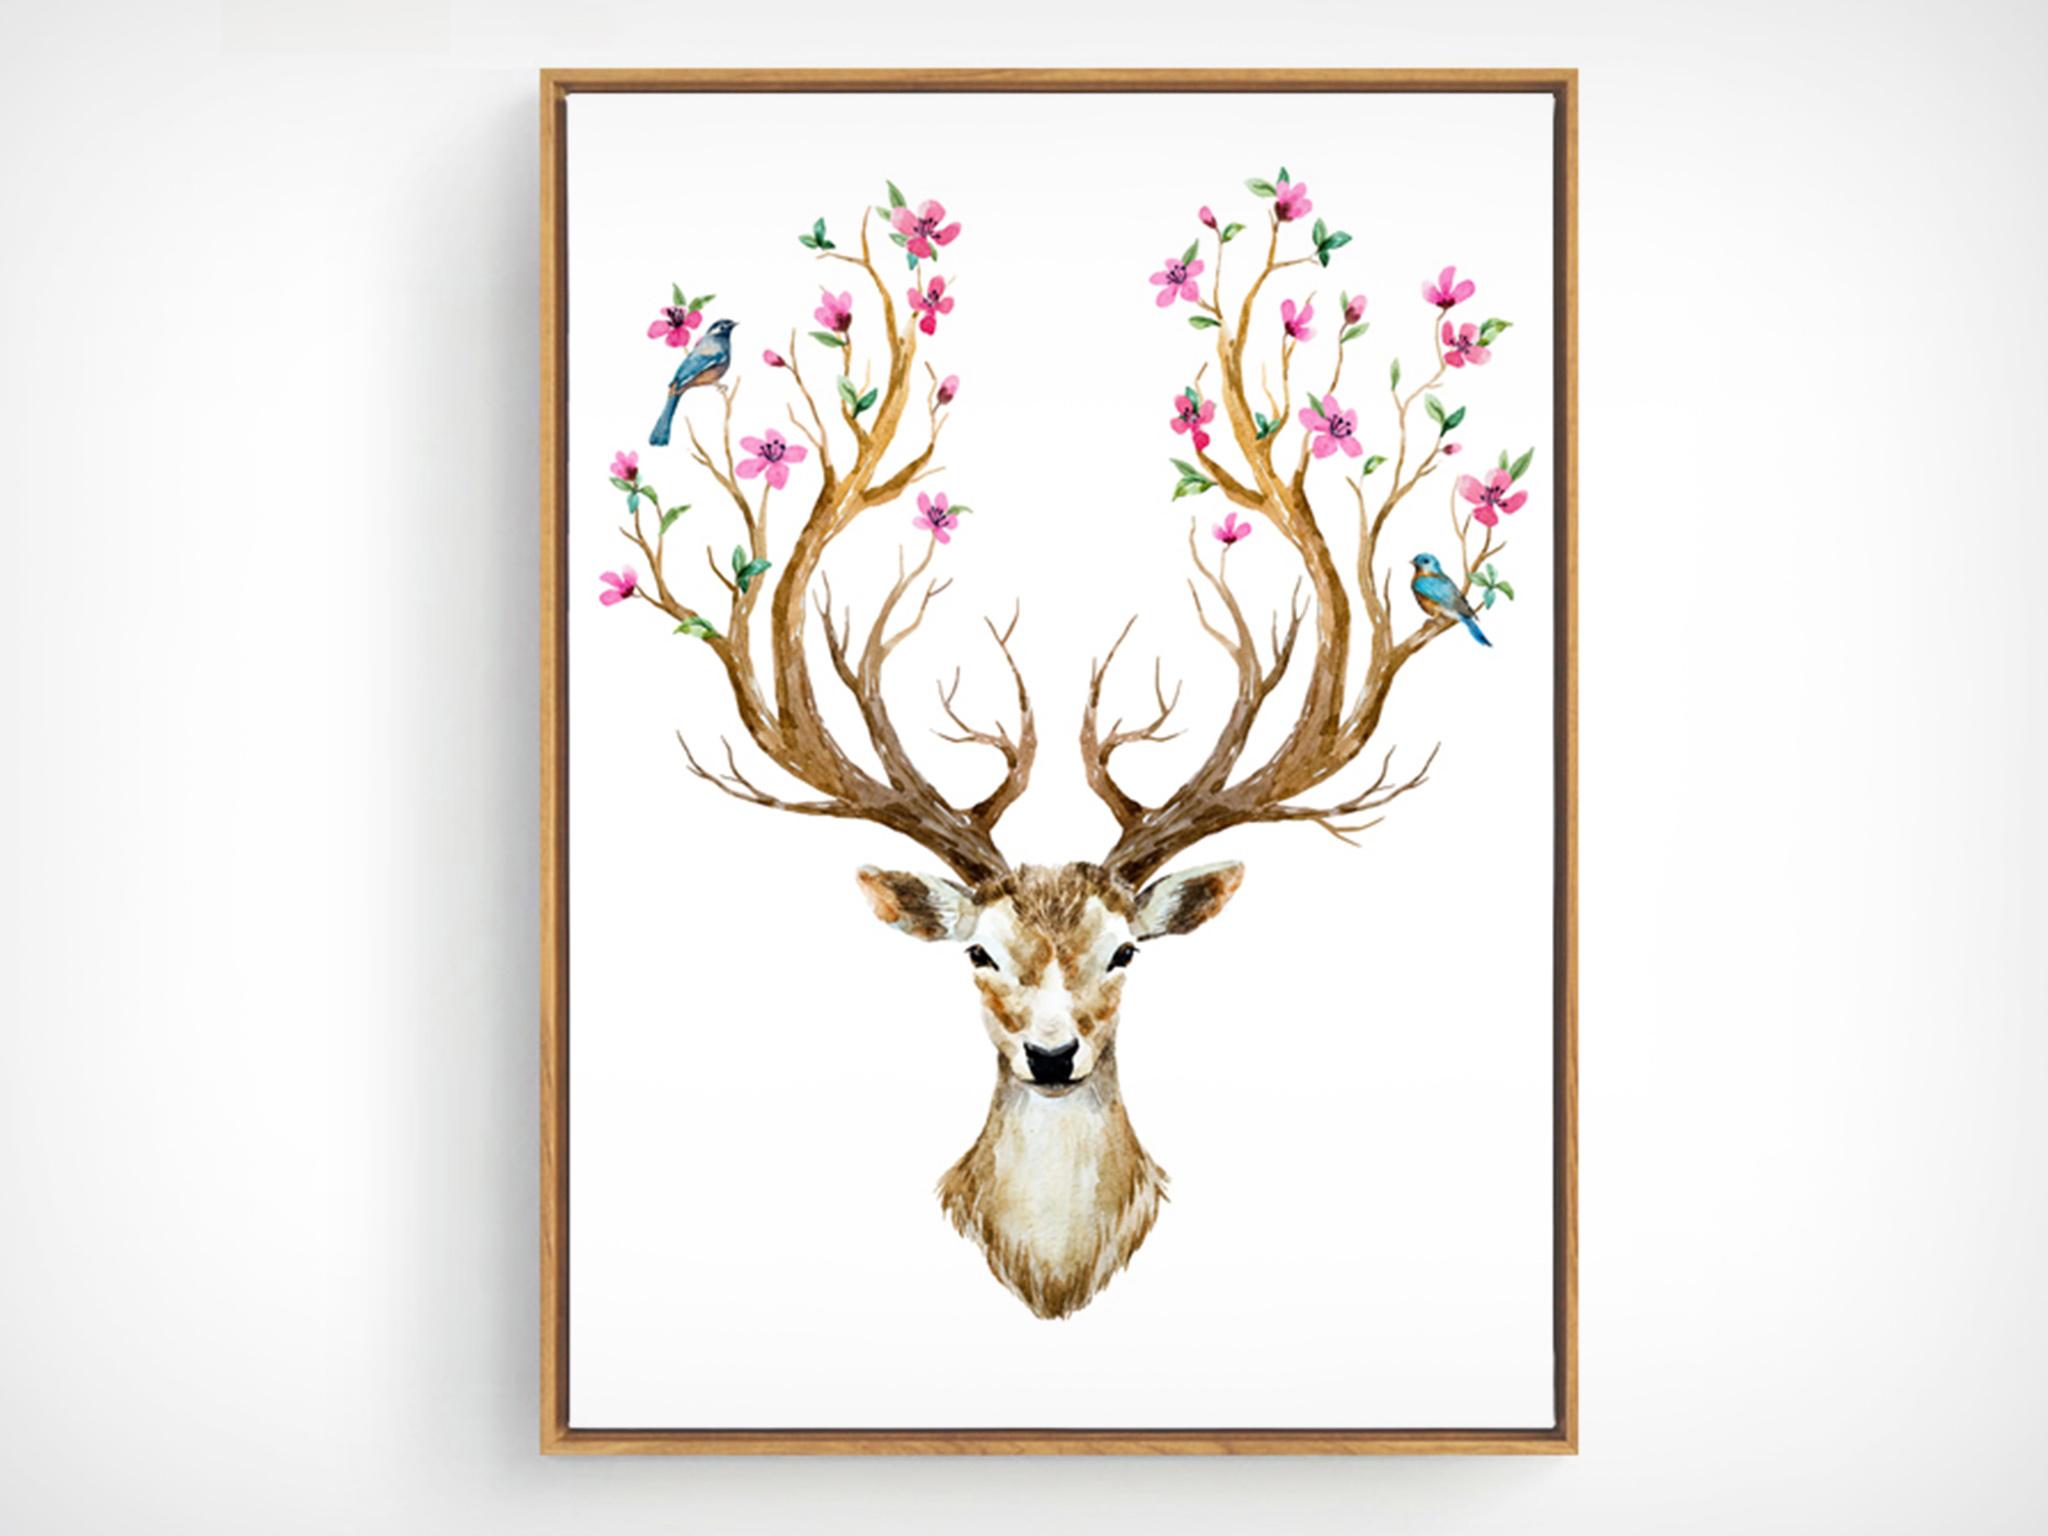 【装饰字画】北欧风格装饰画客厅沙发玄关鹿头挂画